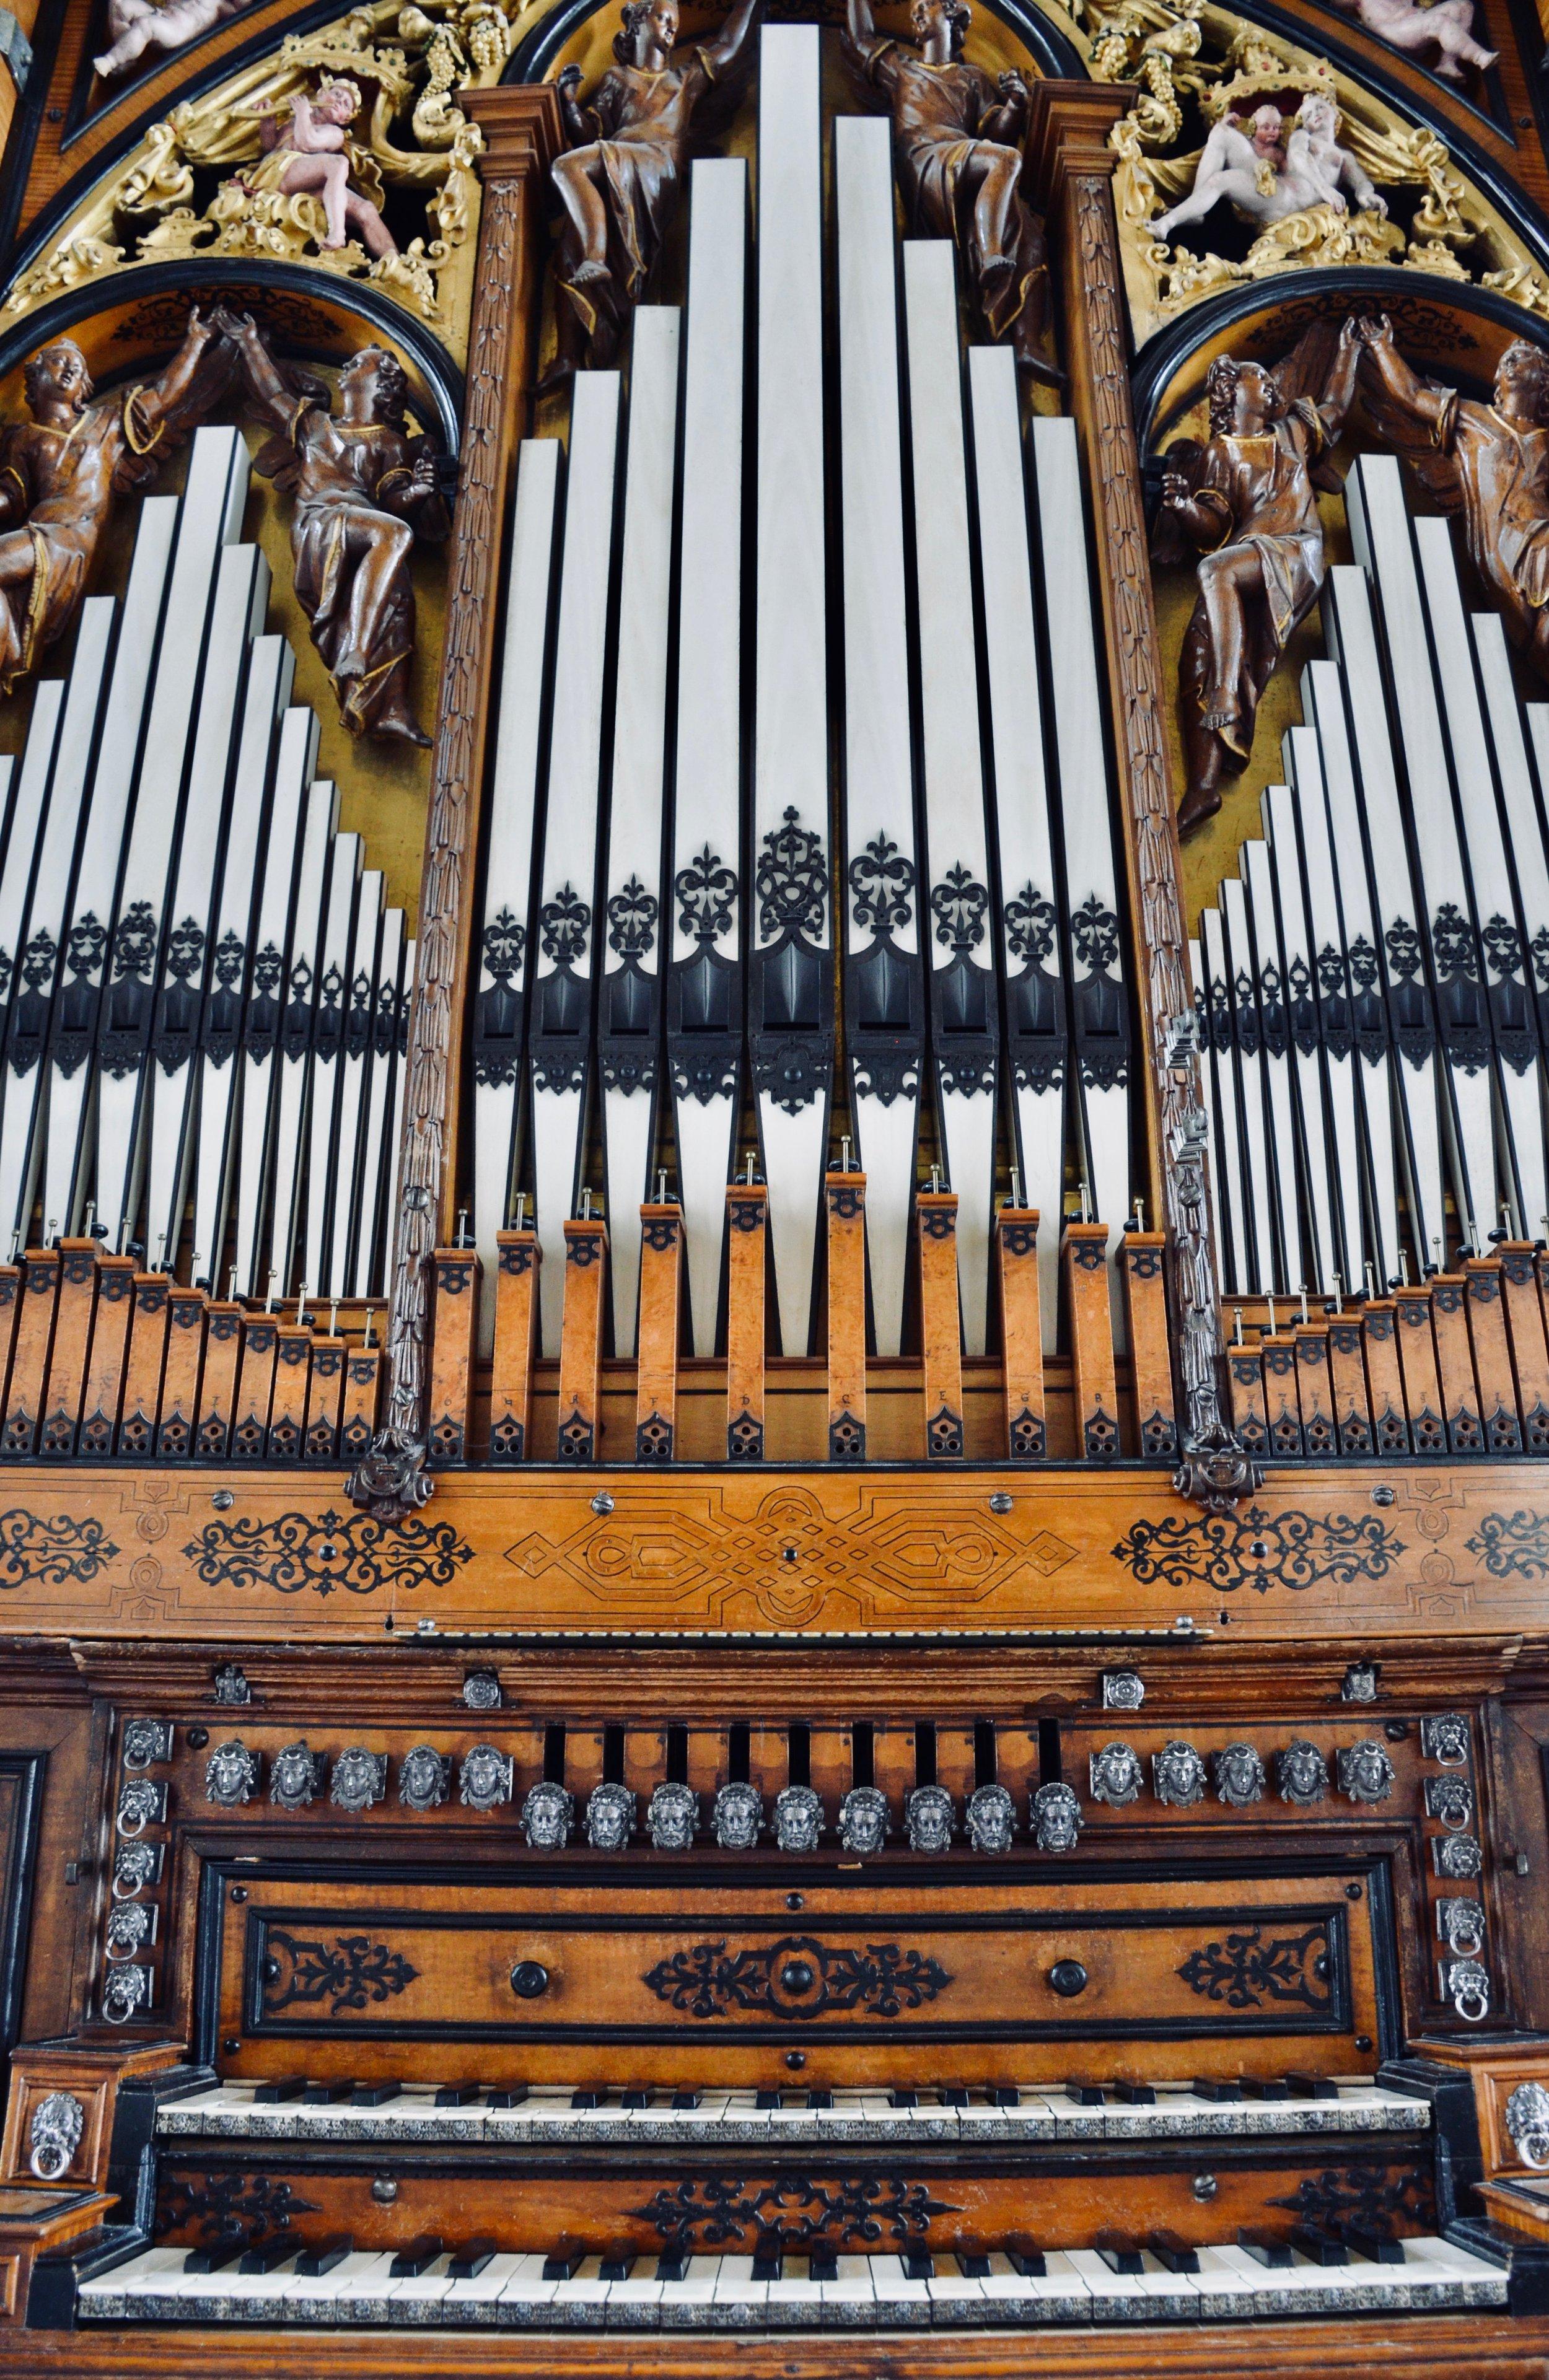 Keydesk and façade detail,1610 Compenius organ, Frederiksborg Castle, Hillerød, Denmark.